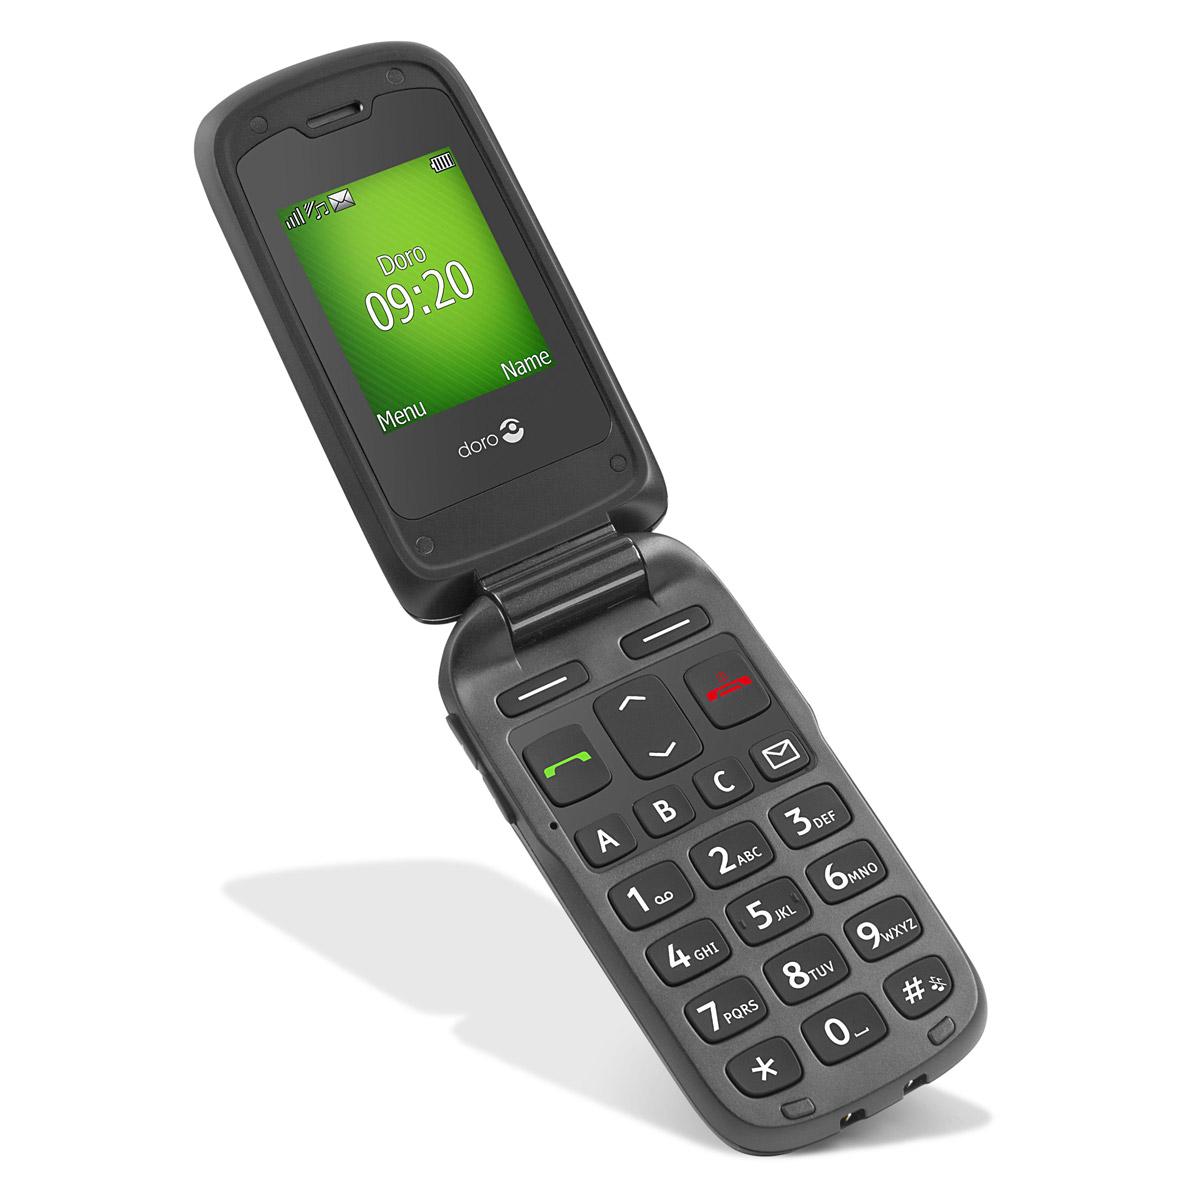 Doro phoneeasy 605 noir mobile smartphone doro sur - Abonnement tele poche pas cher ...